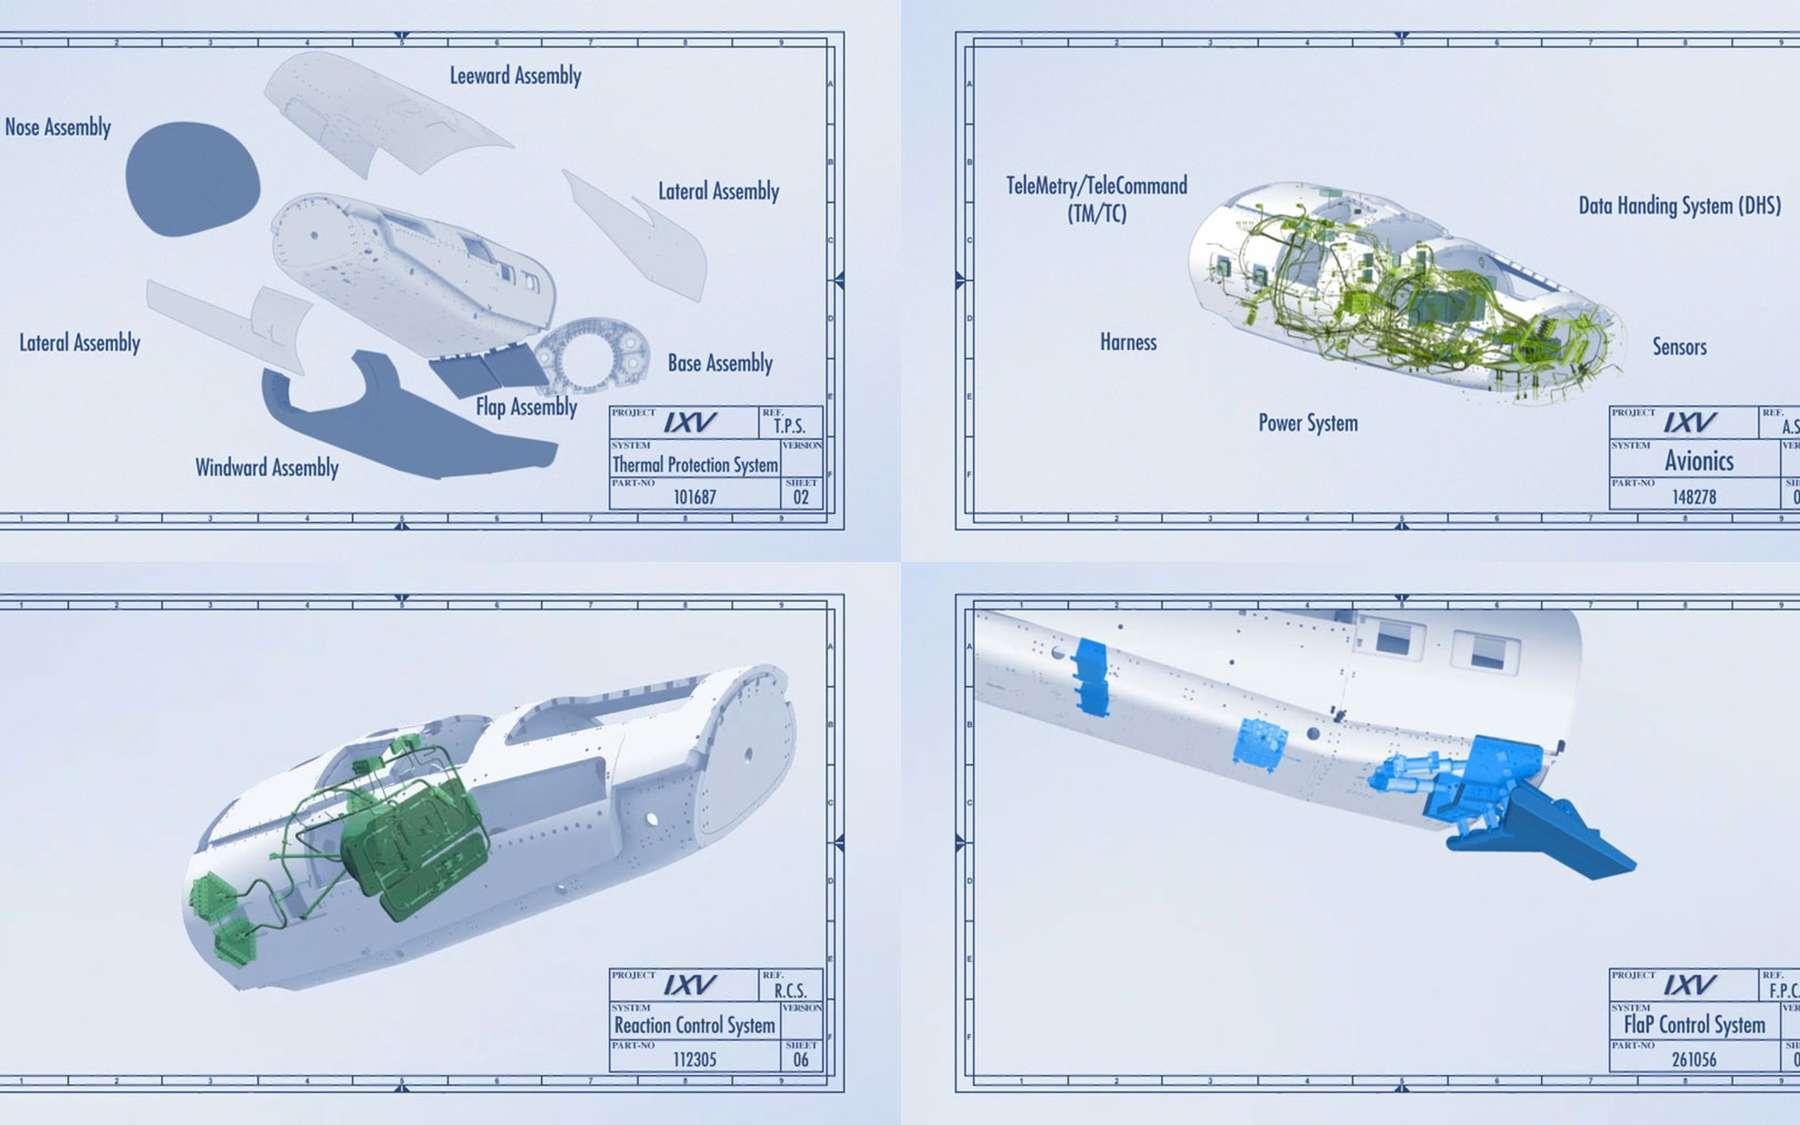 La mise au point de l'IXV n'a pas été simple. Dans ses 5 mètres de long, il embarque un concentré de technologies utiles aux futurs véhicules spatiaux autonomes de l'Esa et venues de toute l'Europe. On voit ici quatre modules, complexes, la protection thermique (Thermal Protection System), l'avionique (Avionics, c'est-à-dire le contrôle du pilotage) et les deux éléments du sous-système GNC (Guidage, Navigation et Contrôle) qui assure le contrôle du vol à l'aide du RCS (en bas à gauche, Reaction Control System) et des volets de gouverne (en bas à droite, Flap Control System). Tous ont été réalisés par des sociétés différentes. © Rémy Decourt